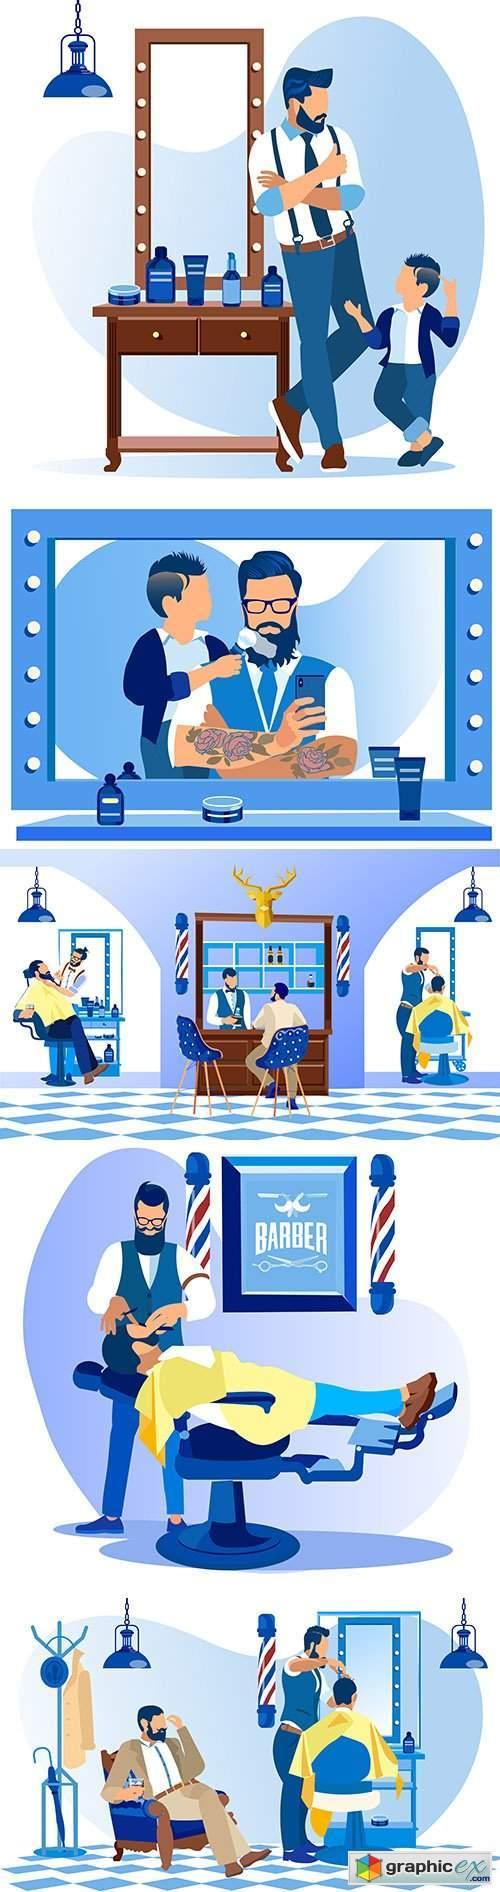 Professional beauty salon, men 's hair salon illustration